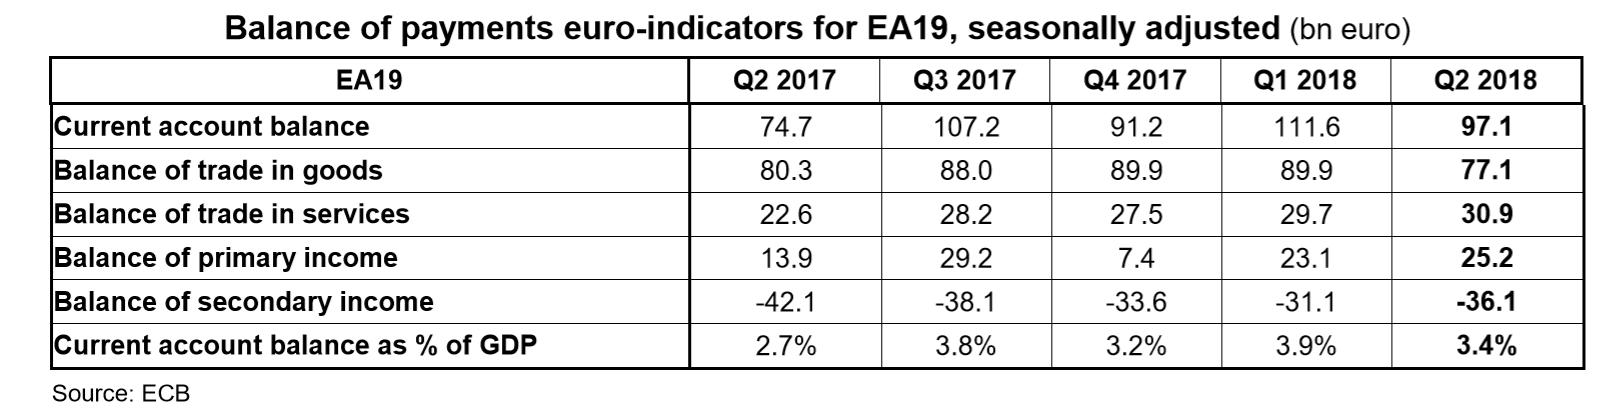 Eurozone current account balance Q2 2018